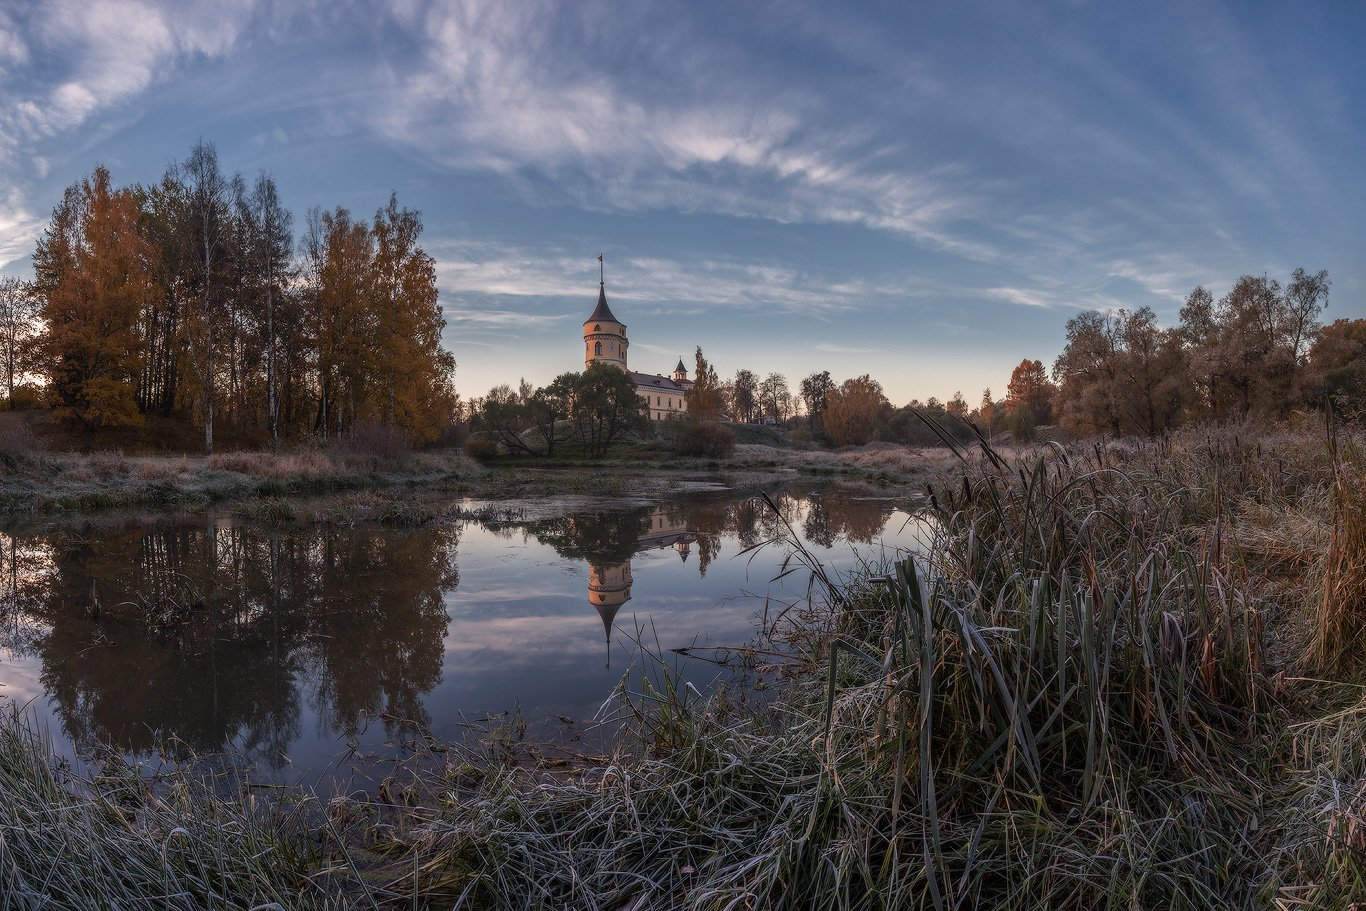 павловск, мариенталь, парк, осень, рассвет, осень, россия, славянка, бип, Илья Штром